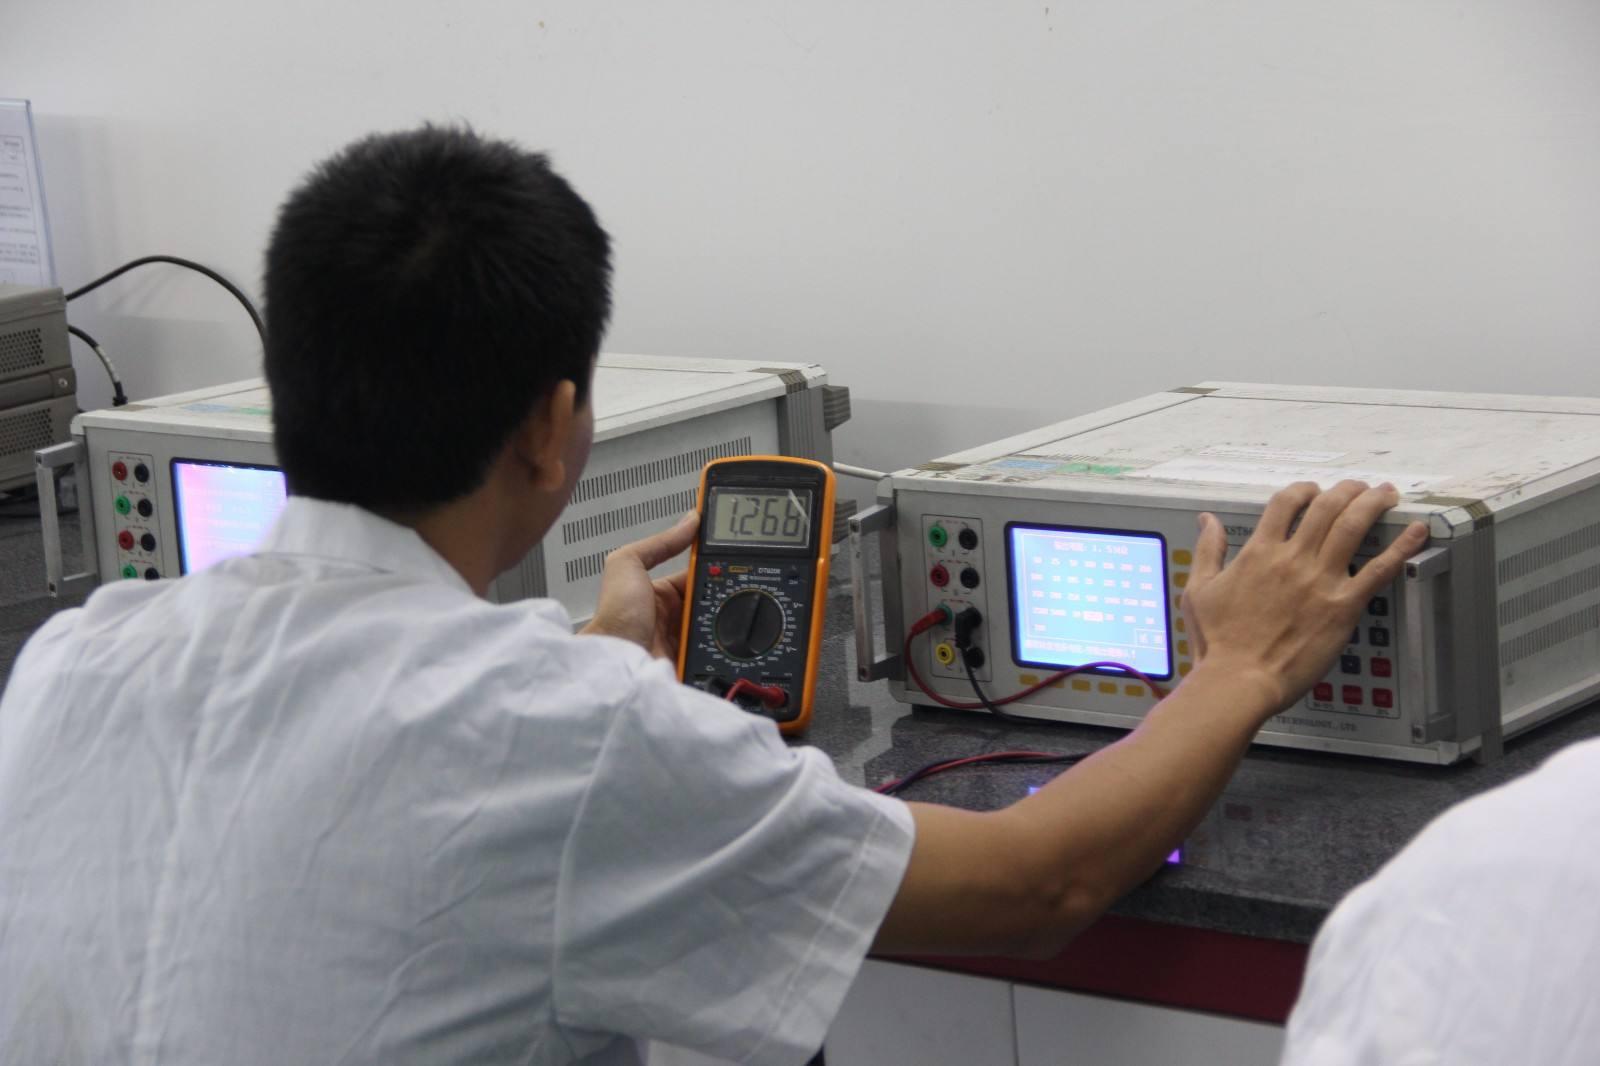 晴隆实验室设备校准/标定/校正/校验客观专业独立公正